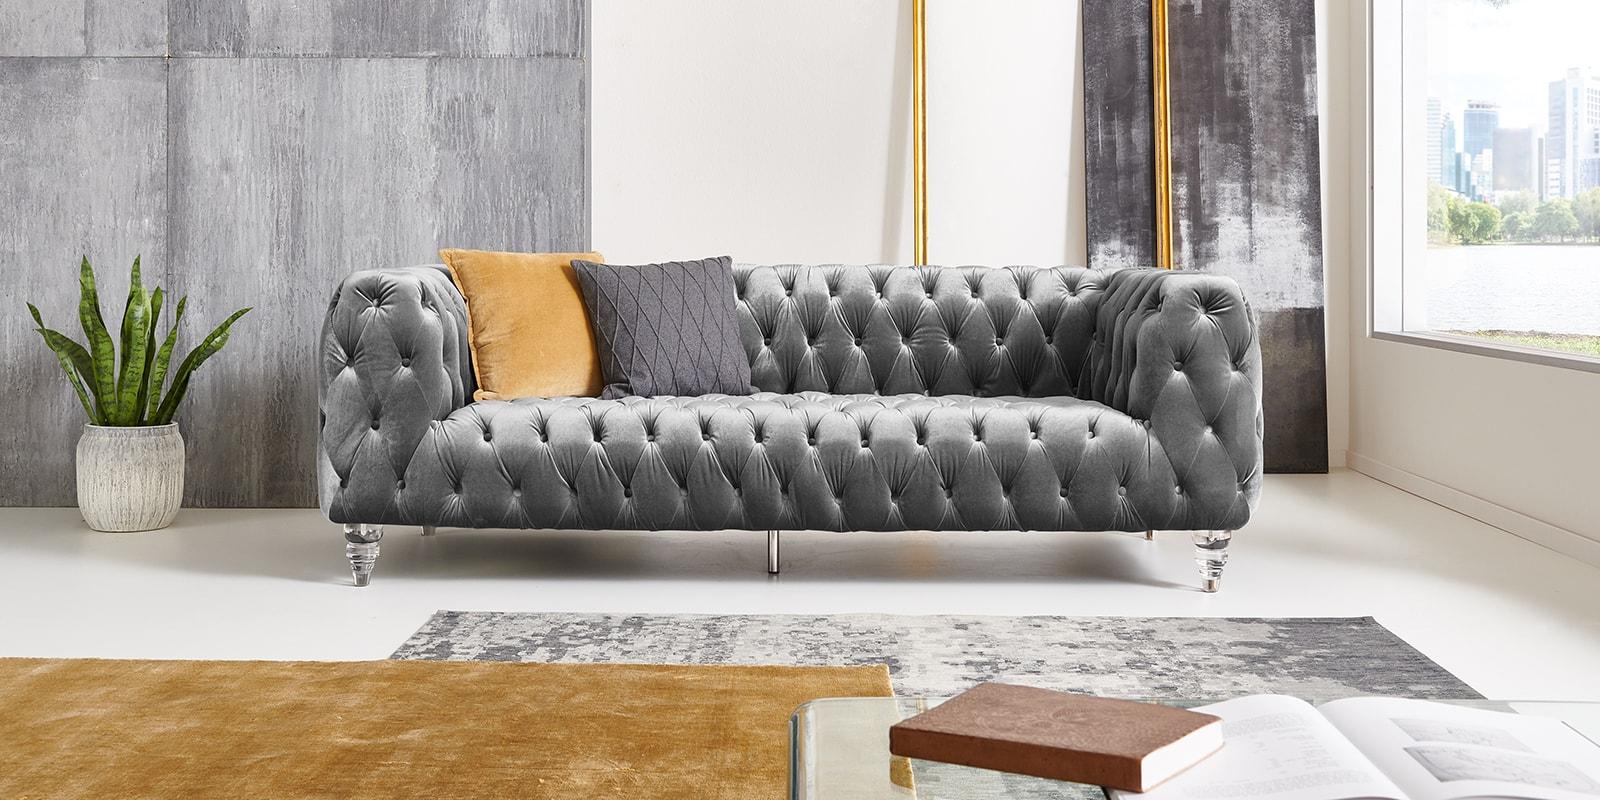 Moebella24 - Chesterfield - Sofa - Kristall - 3-Sitzer - Samt - Grau - Acryl - Füße - Knopfheftungen - Frontal